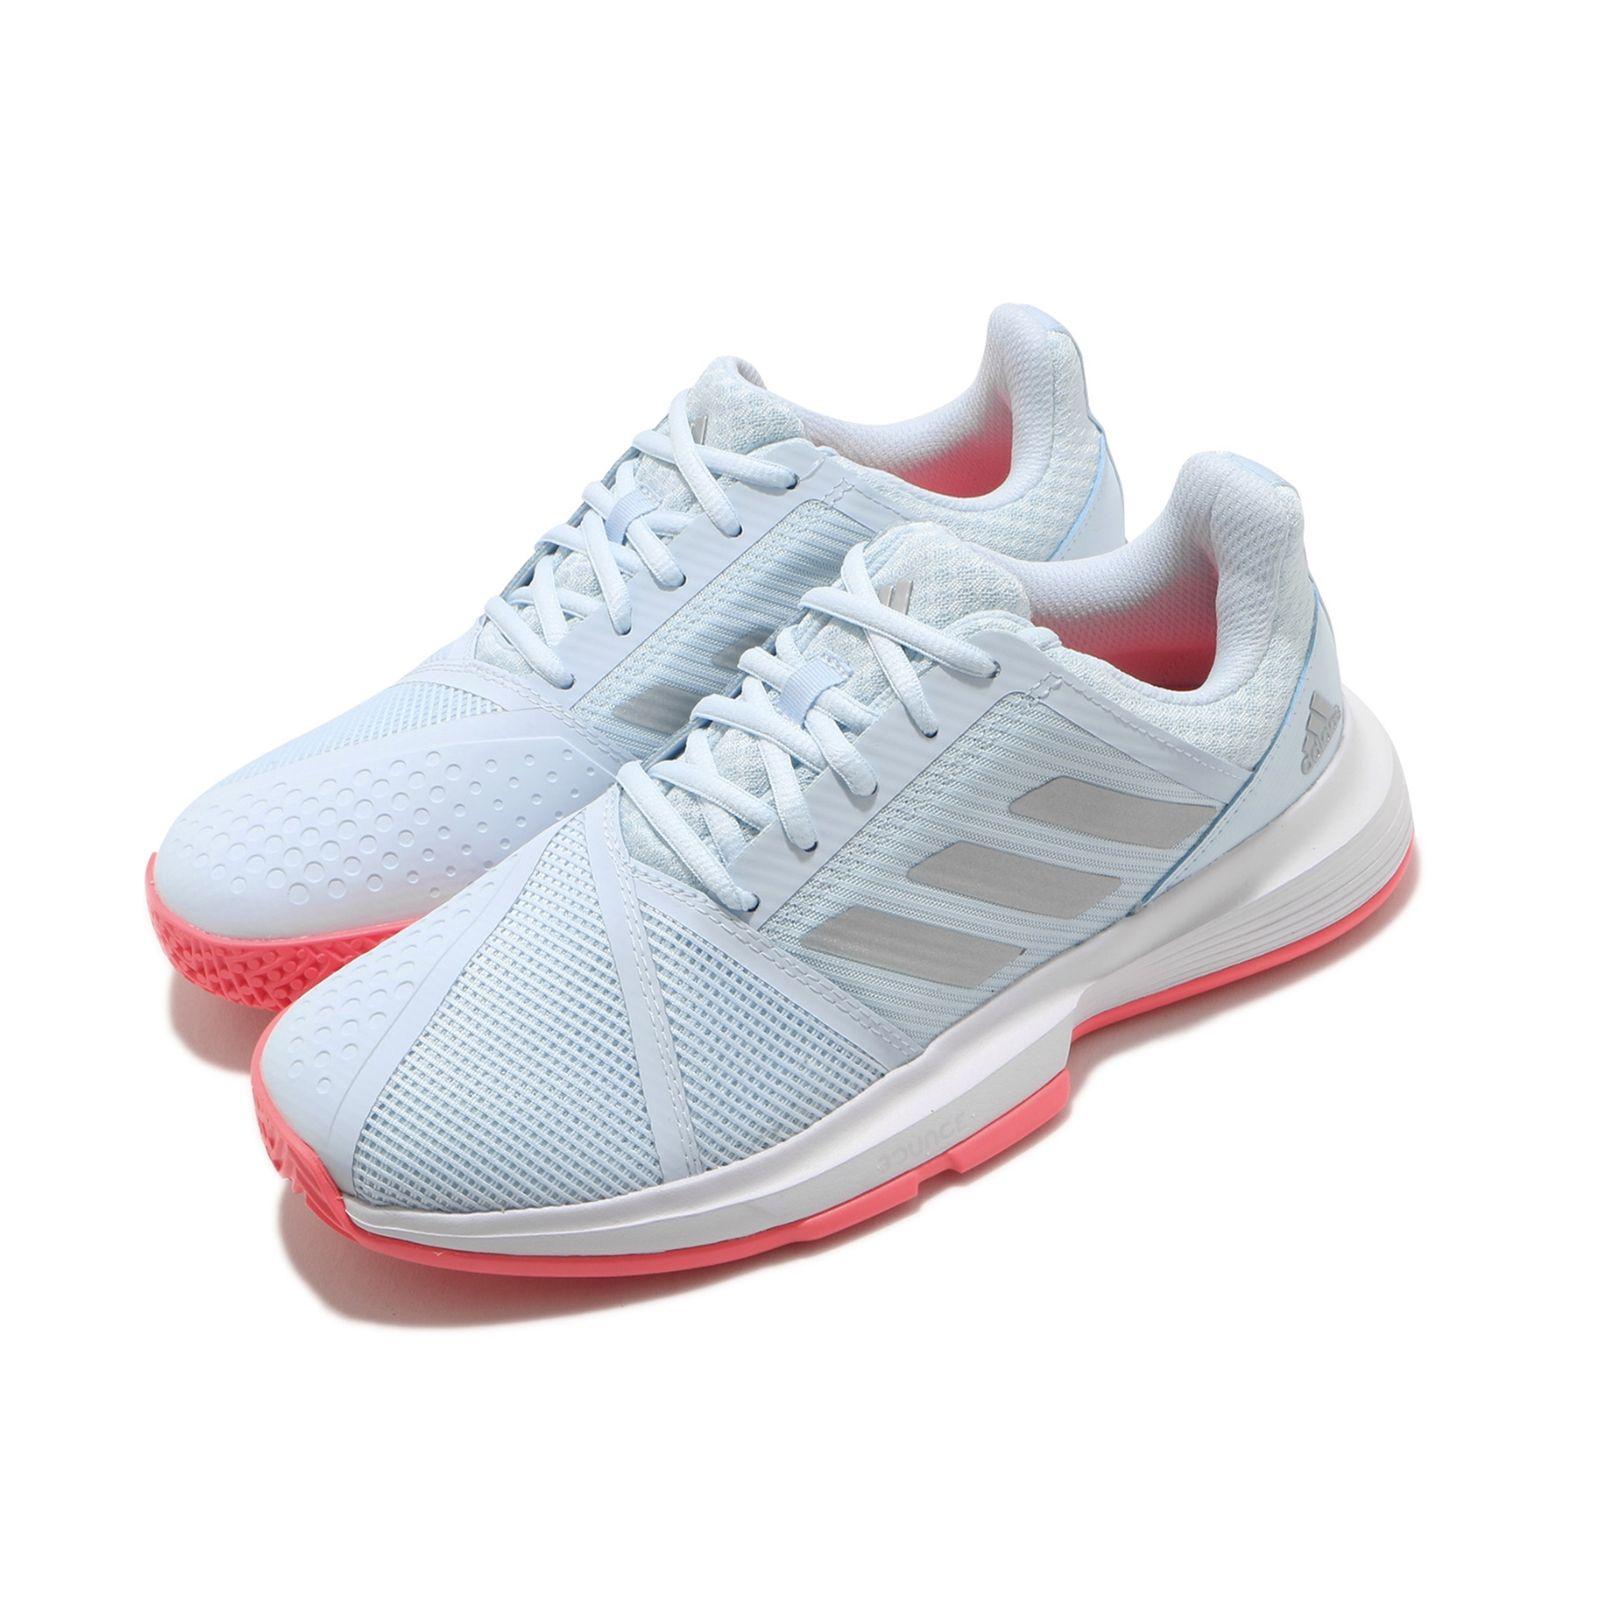 کفش تنیس زنانه آدیداس مدل FU8146 -  - 7